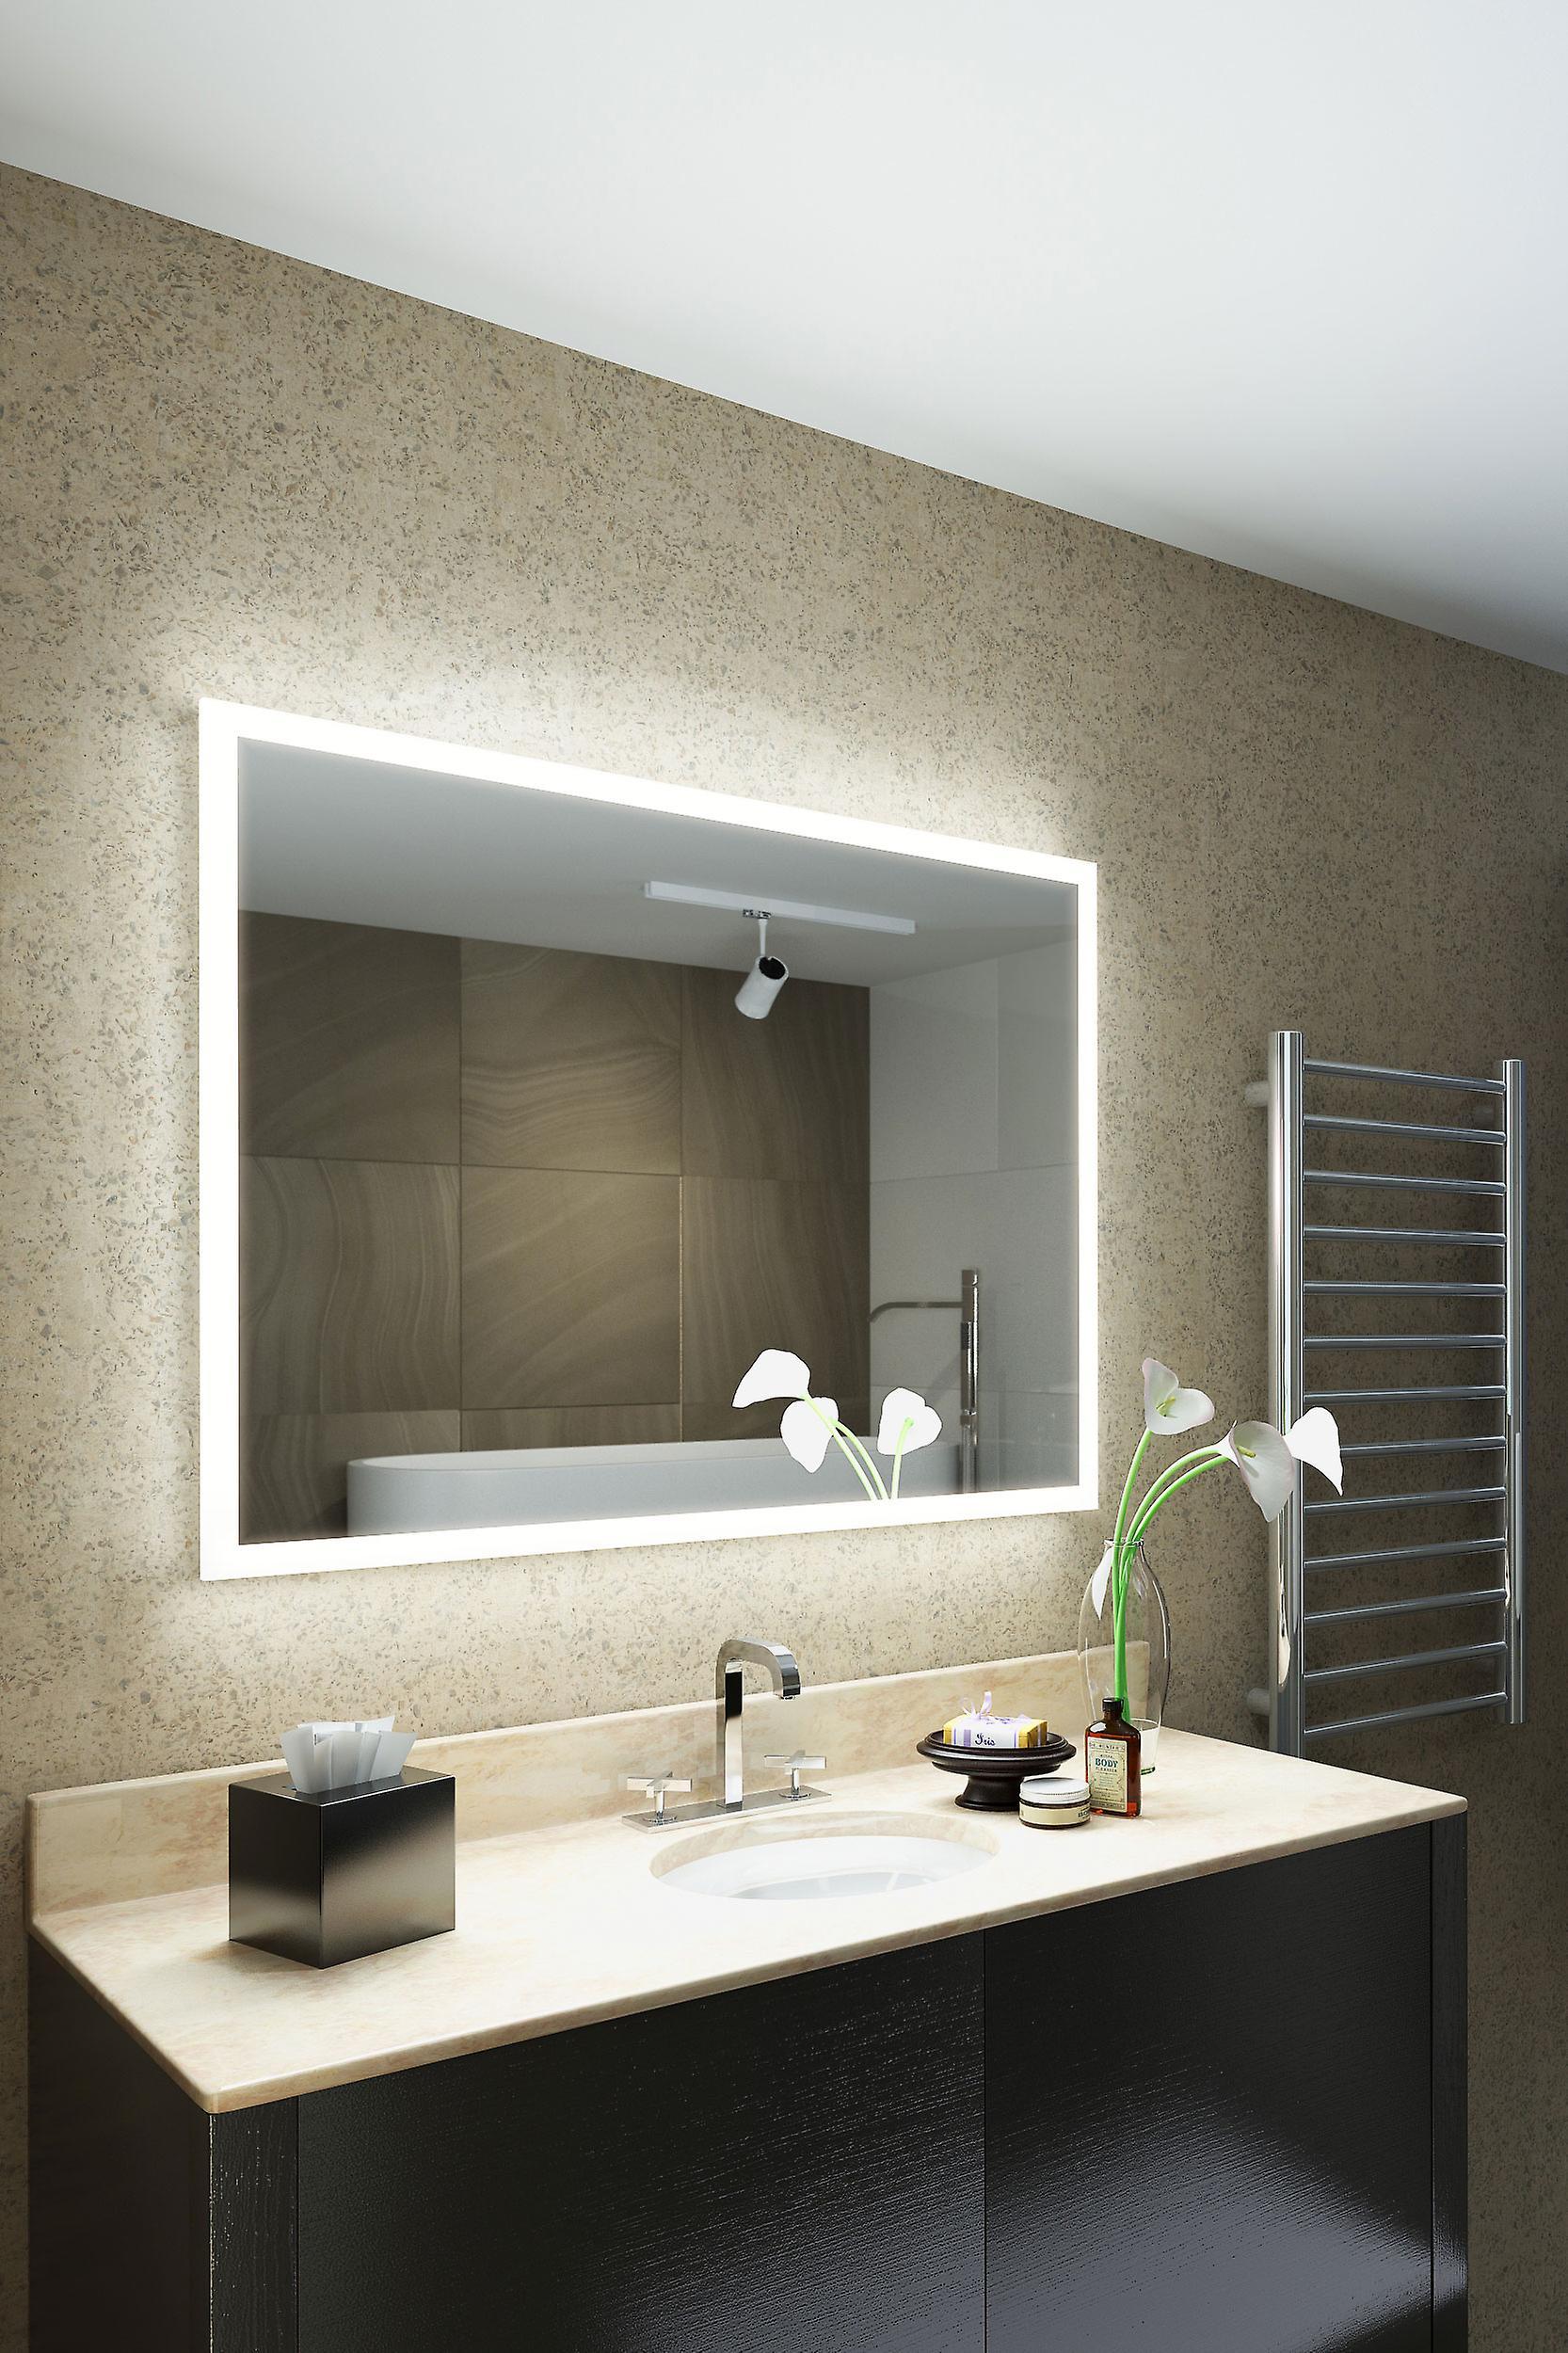 Orli Rasierer Edge LED Badezimmer Spiegel mit Demister & Sensor k1418ih